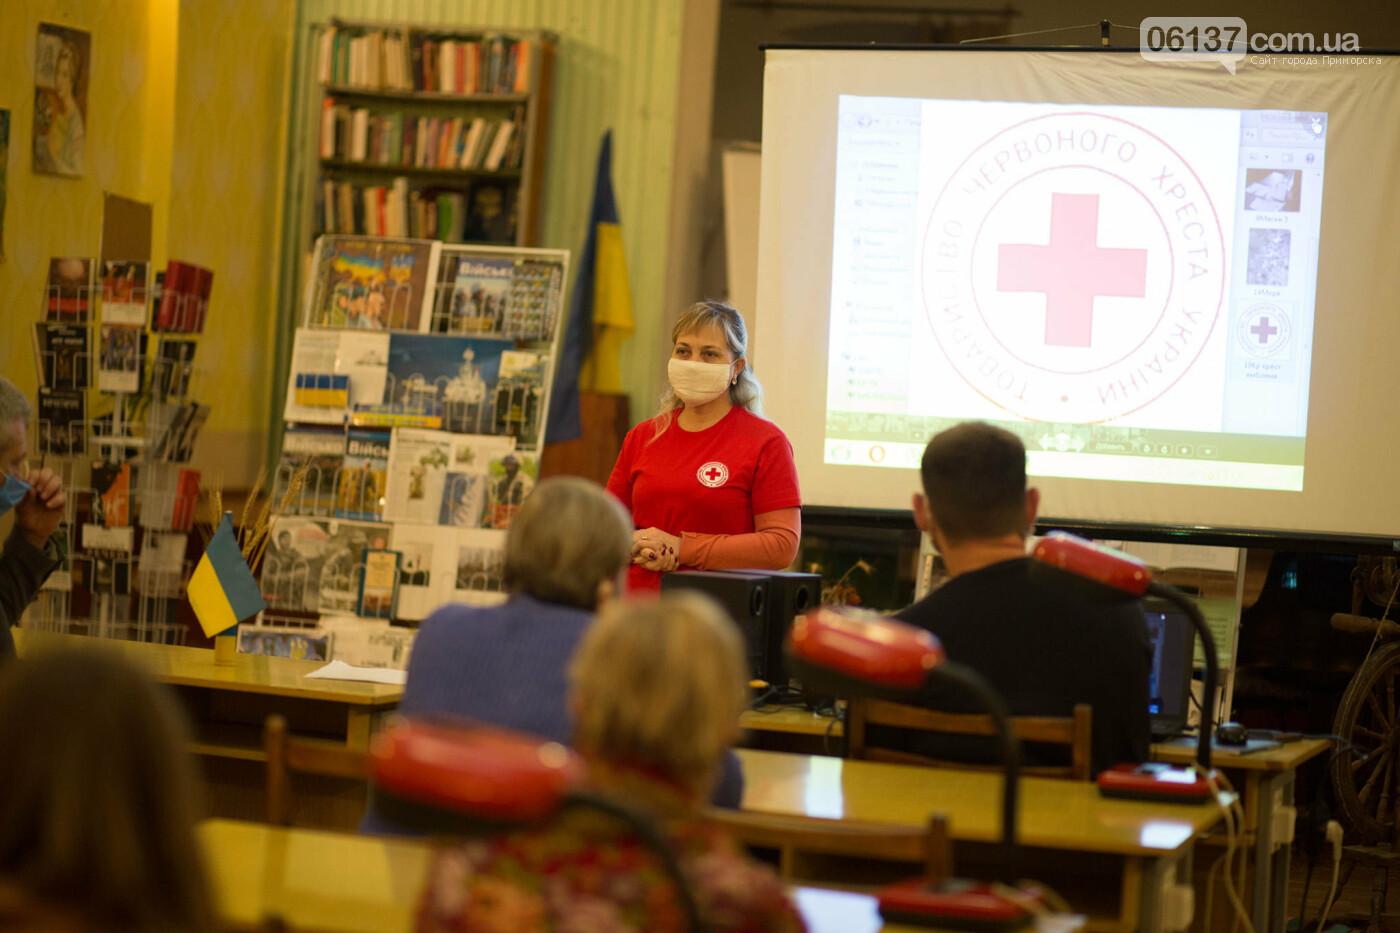 В Приморську  пройшли установчі збори Приморської первинної організації Товариства Червоного Хреста України, фото-2